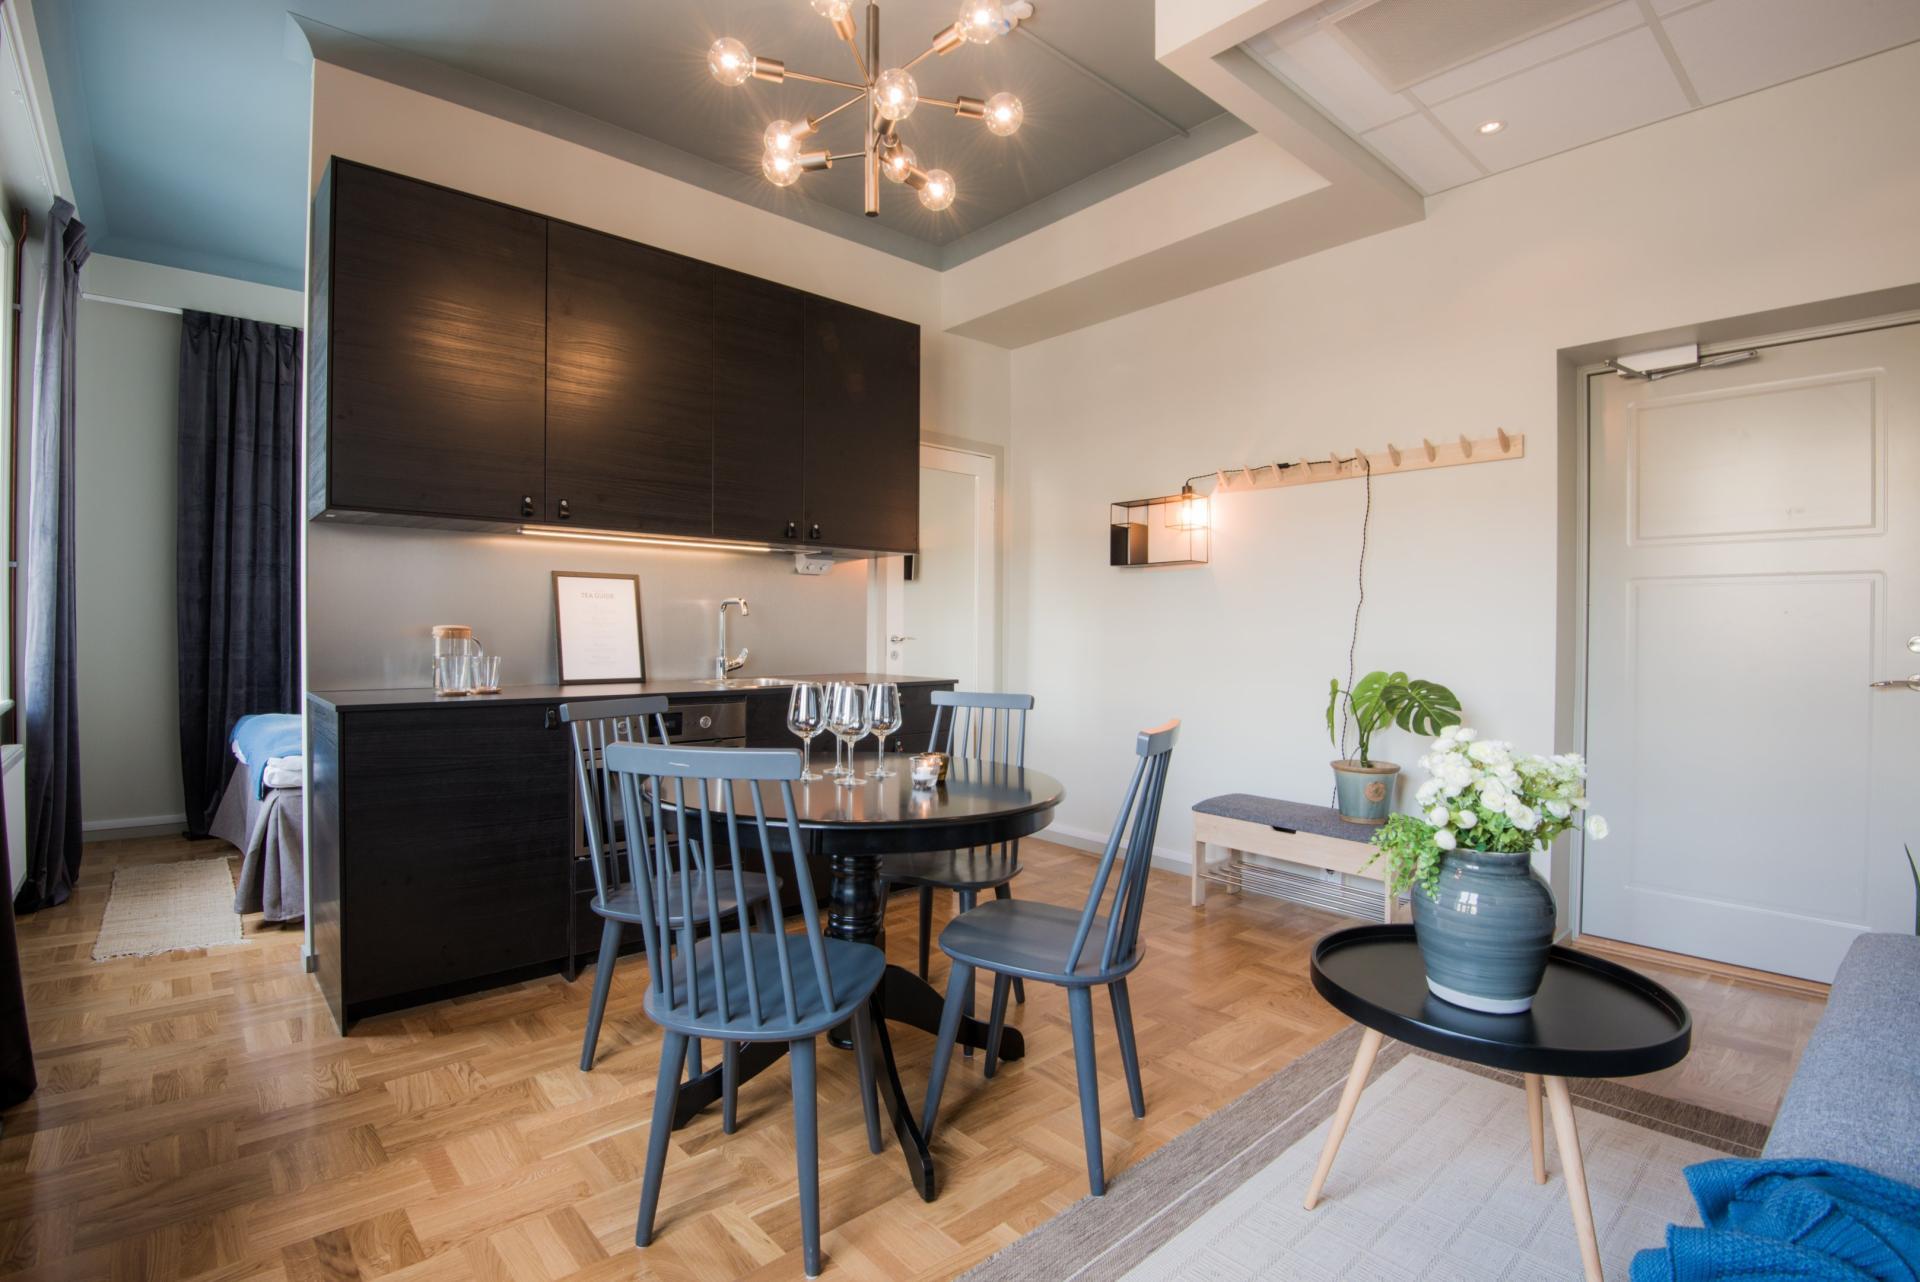 Kitchen at Voltavagen Apartment - Citybase Apartments